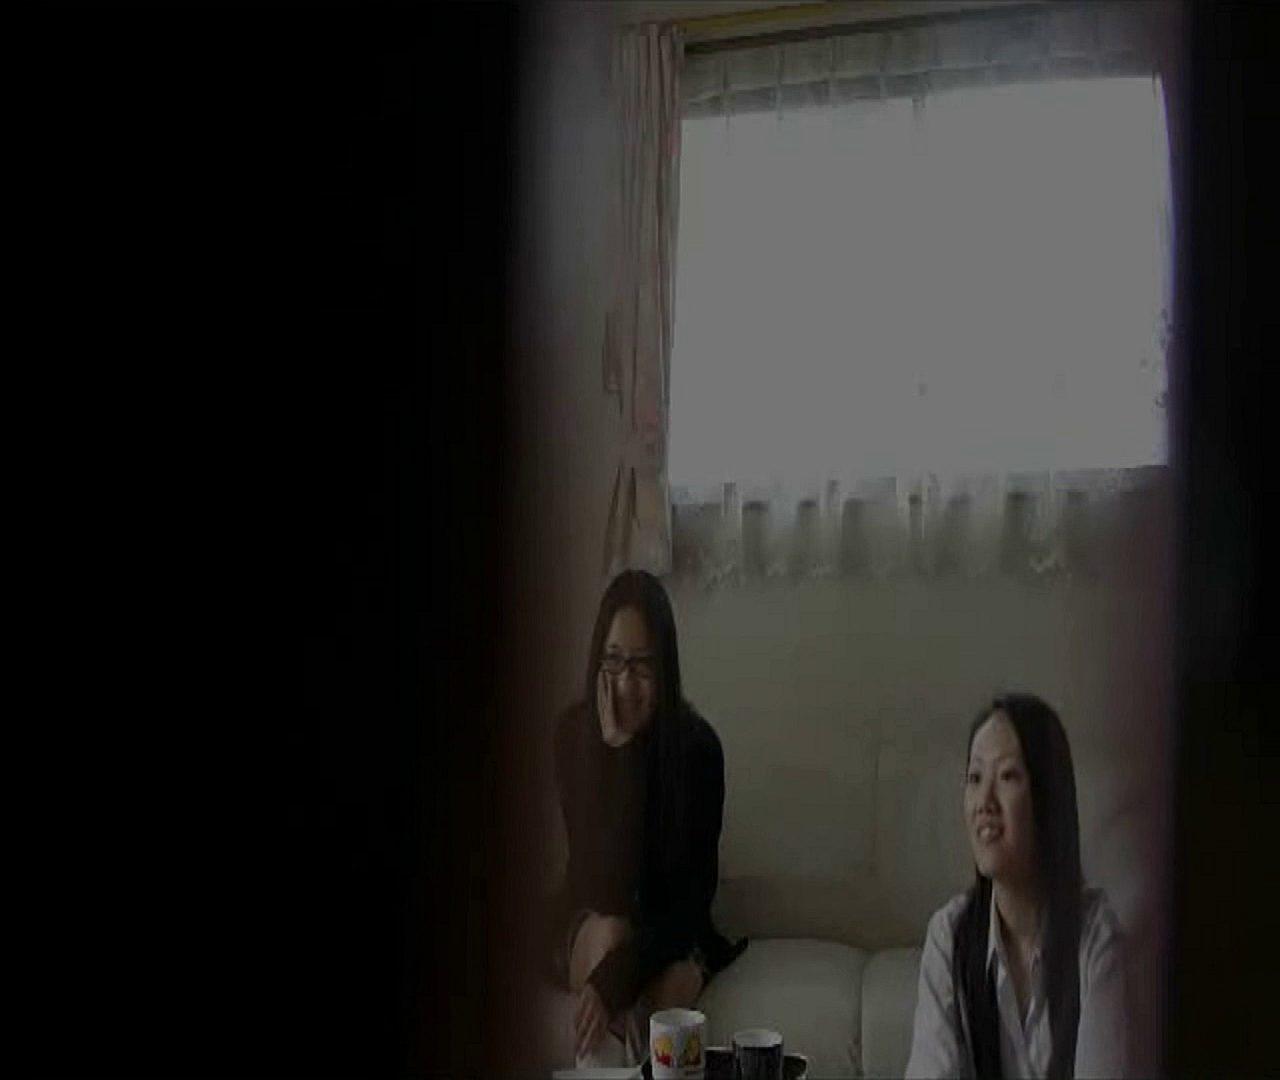 二人とも育てた甲斐がありました… vol.01 まどかとレイカの日常 OLセックス  91画像 42